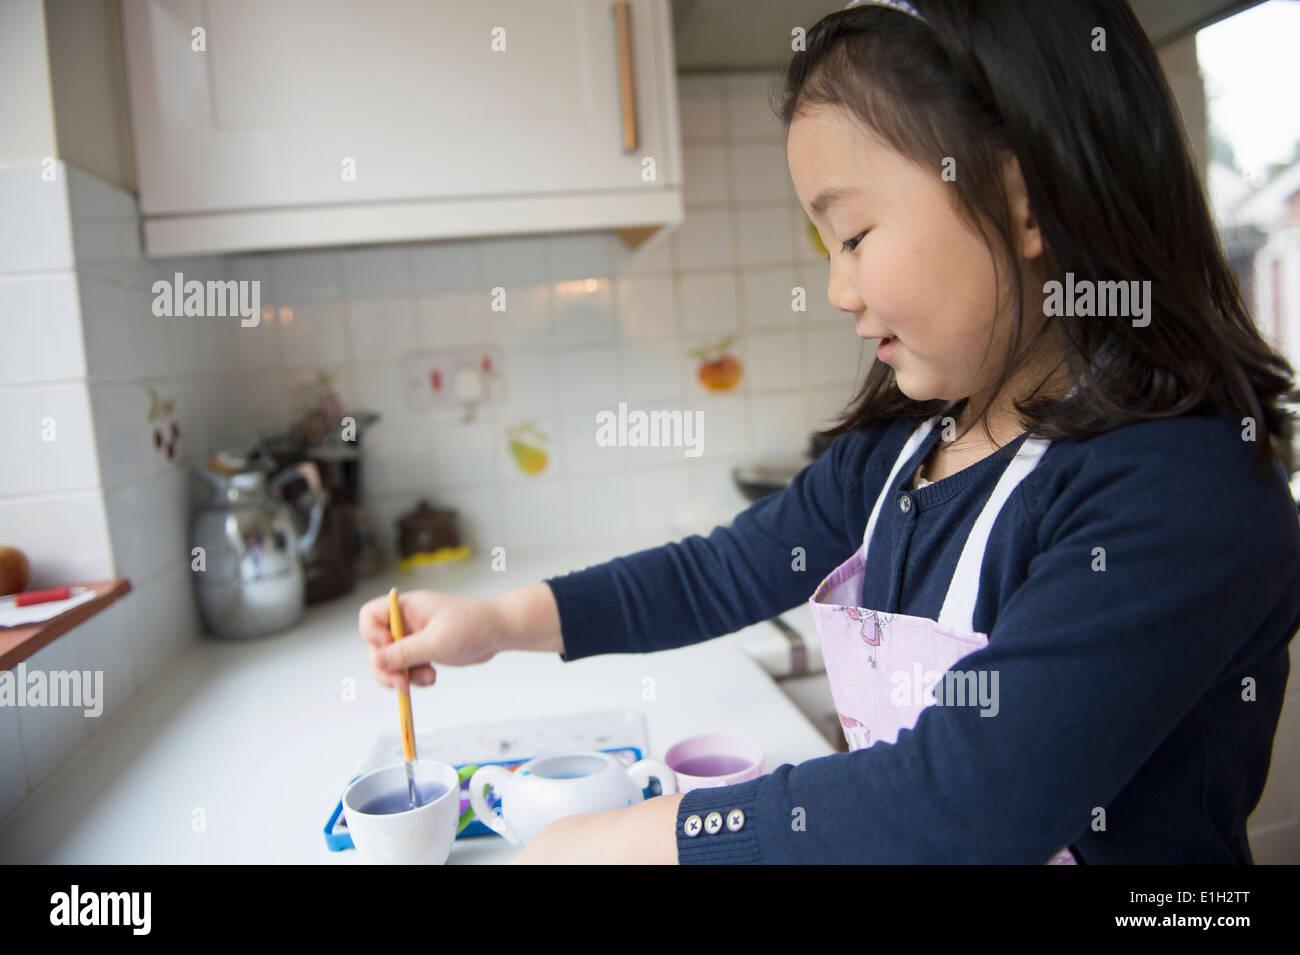 Jeune fille trempant le pinceau dans l'eau dans la cuisine bol Photo Stock